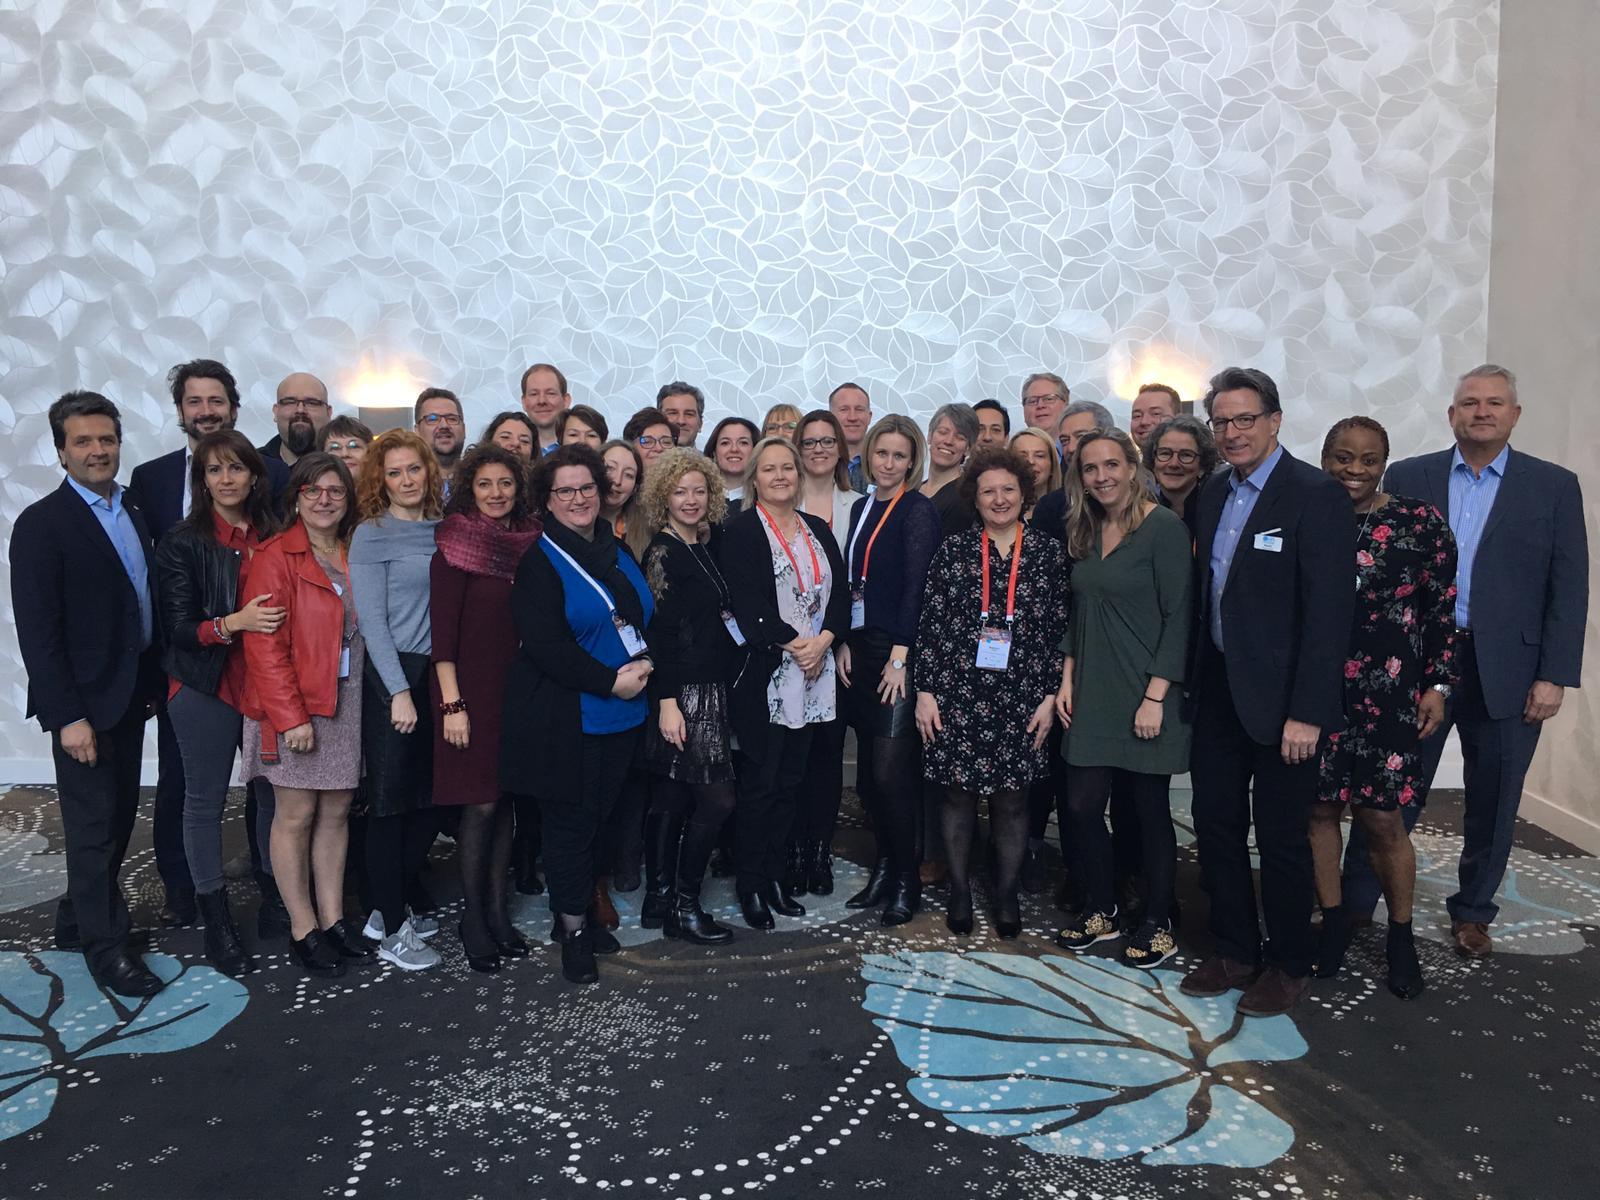 18 February 2019 - The European MPI Family